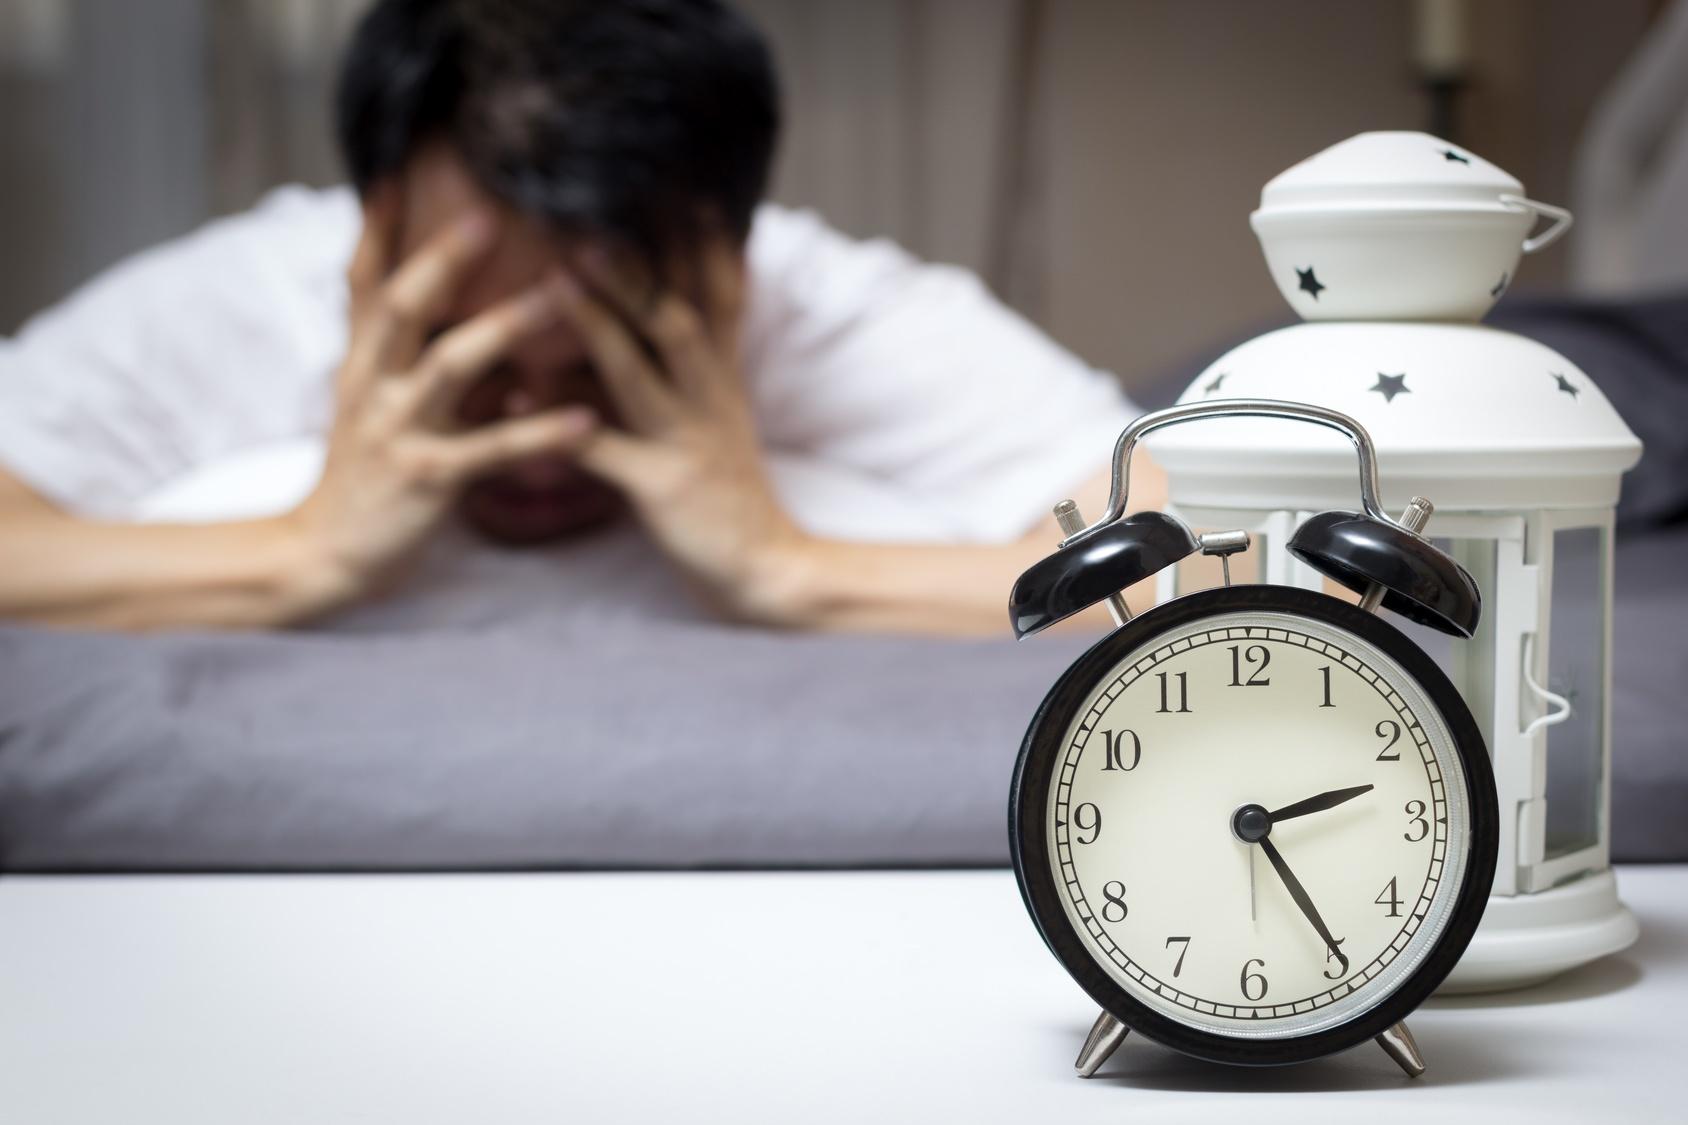 Can I Apply For Social Security Disability With Sleep Apnea?